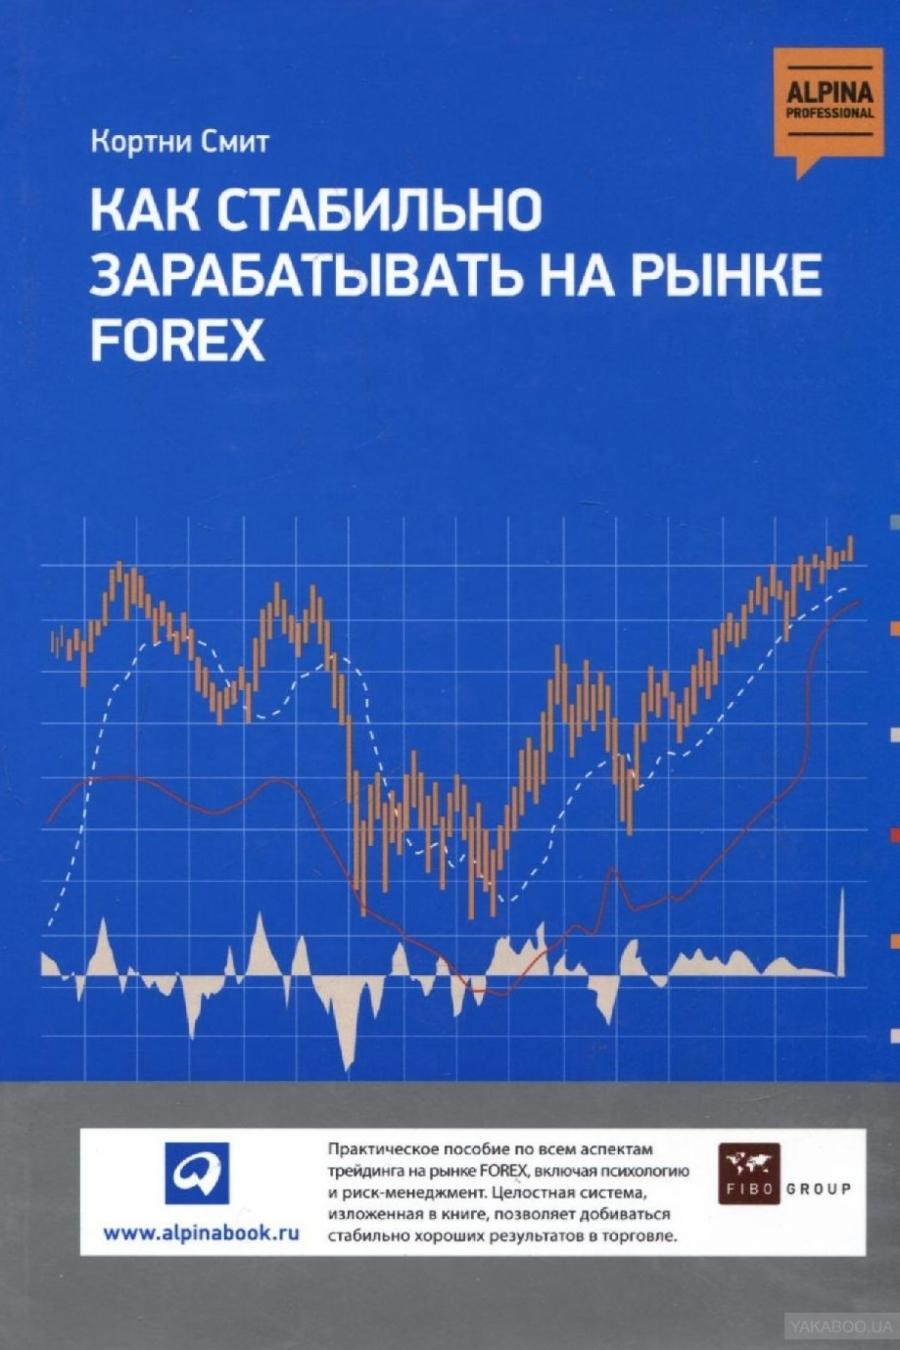 Обложка книги:  кортни смит - как стабильно зарабатывать на рынке forex